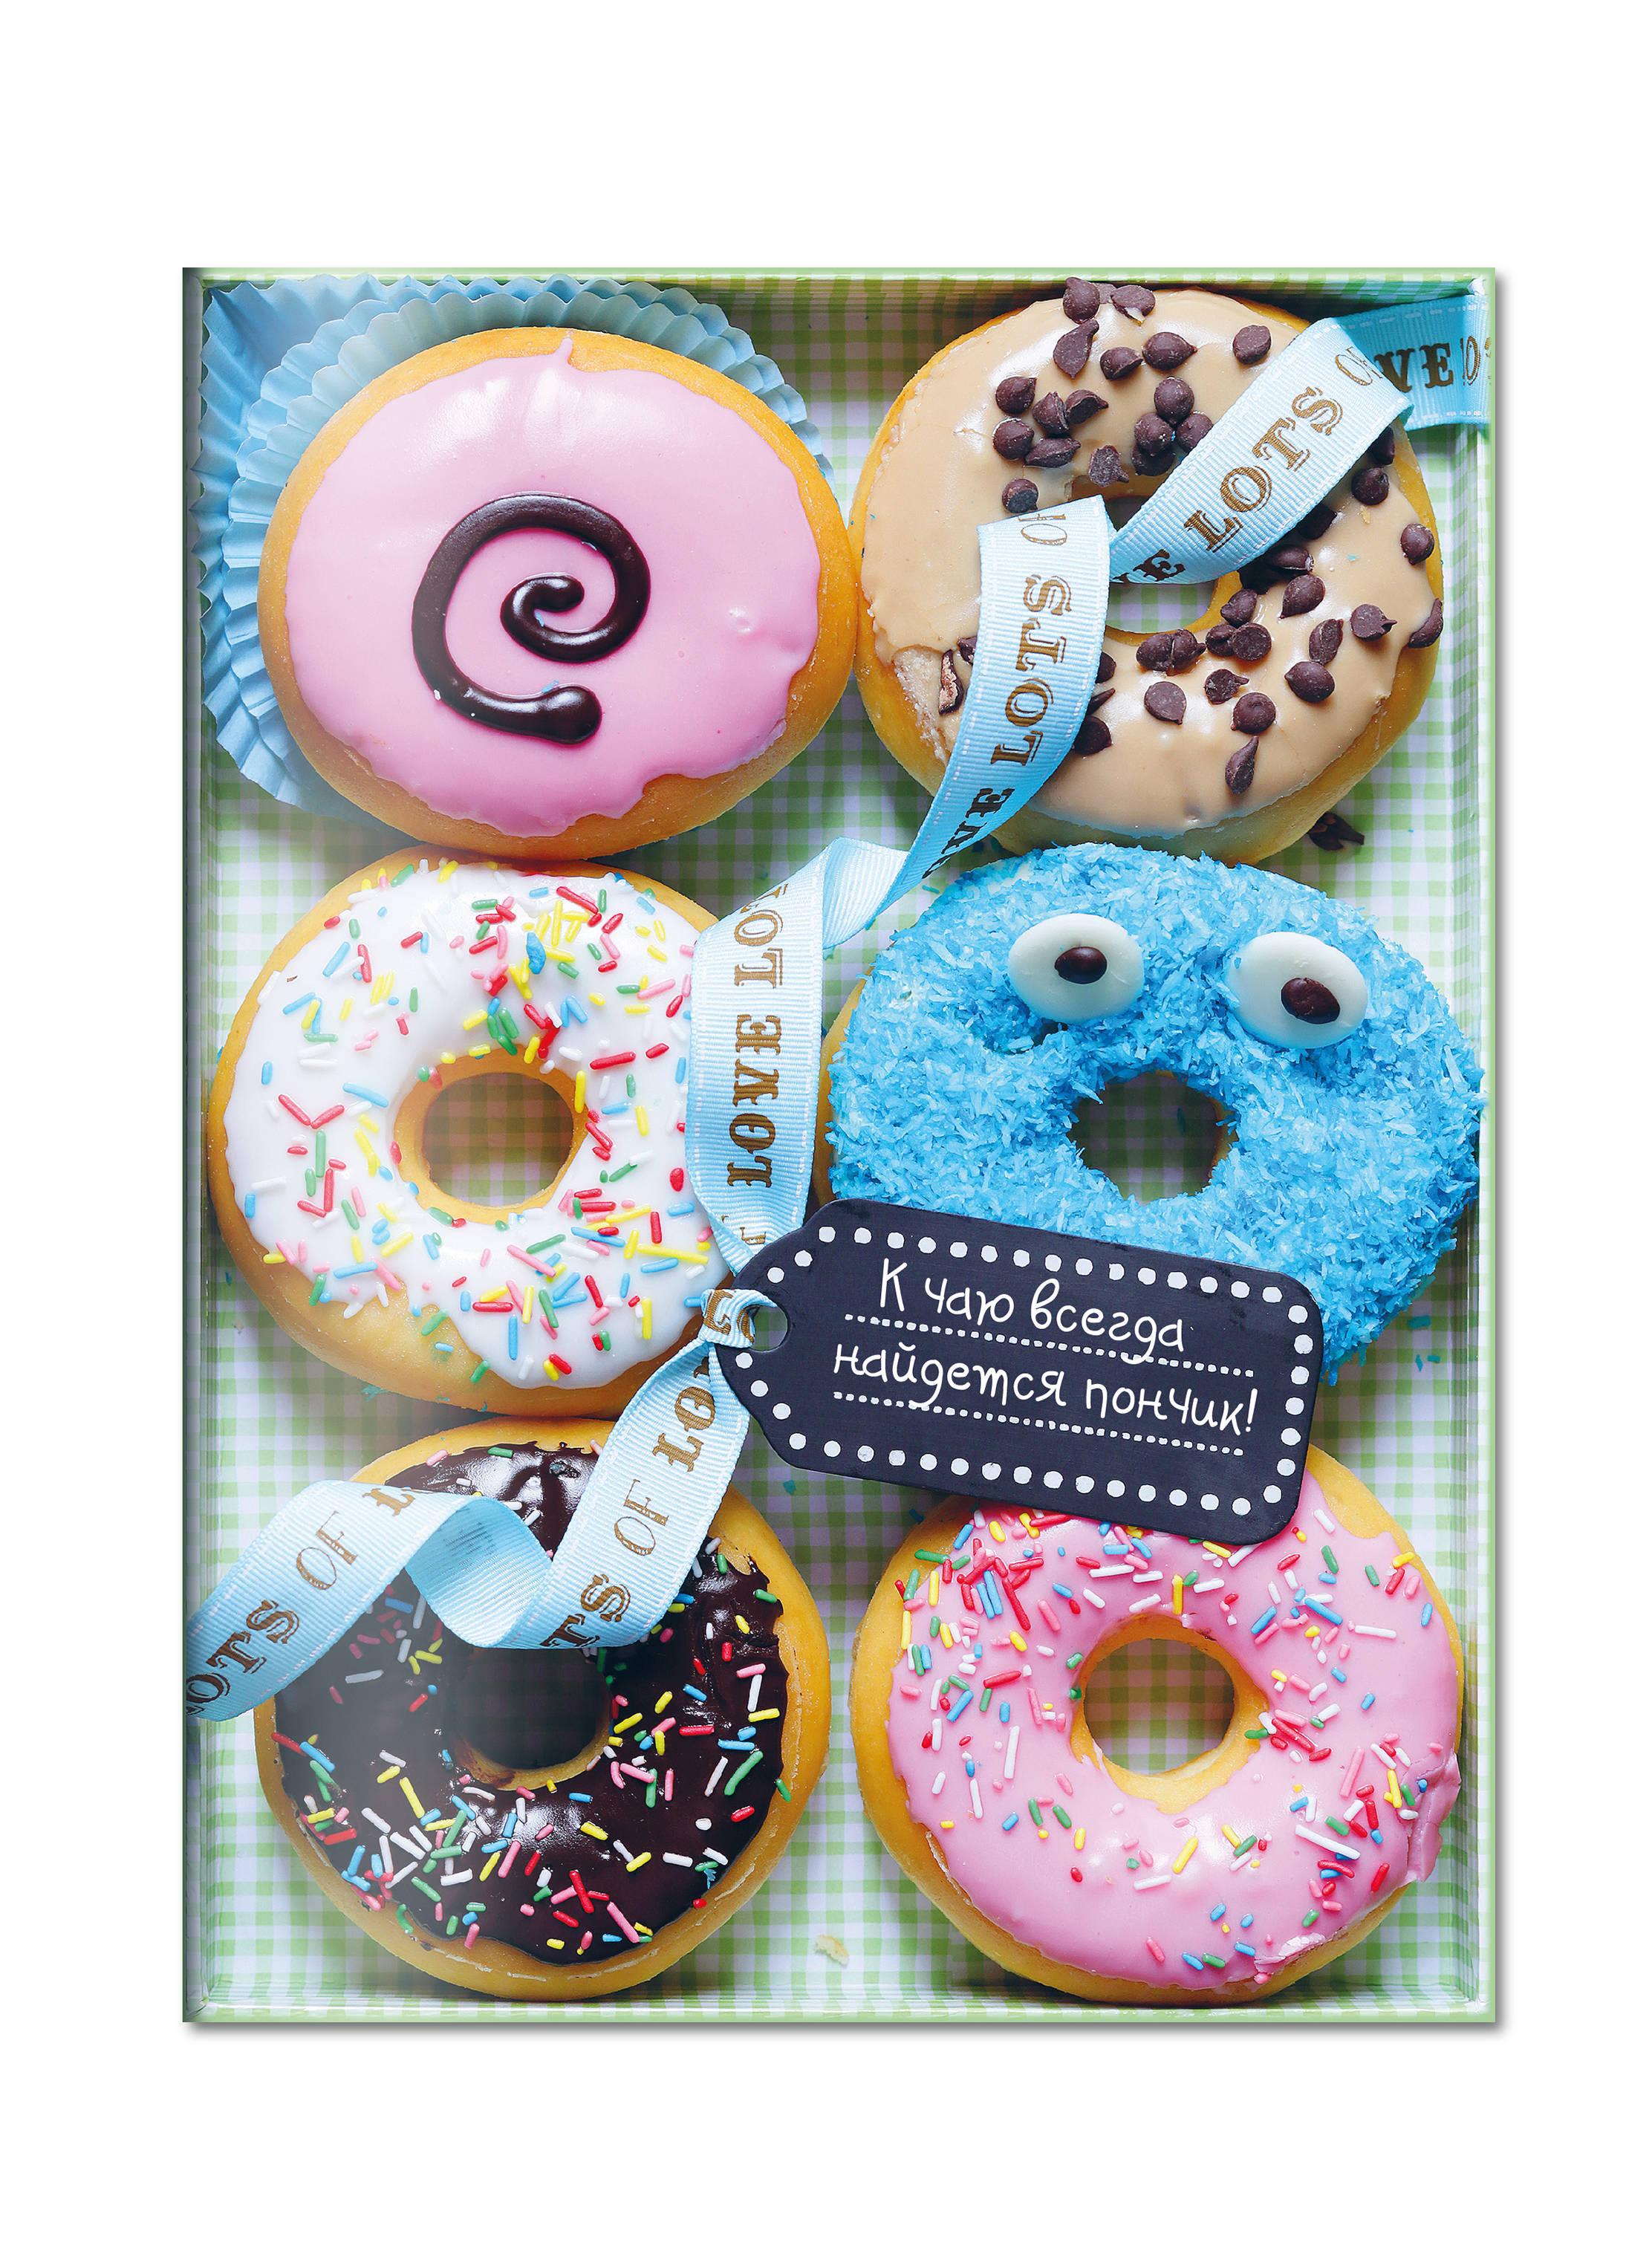 Сладкий блокнот (К чаю всегда найдется пончик!)